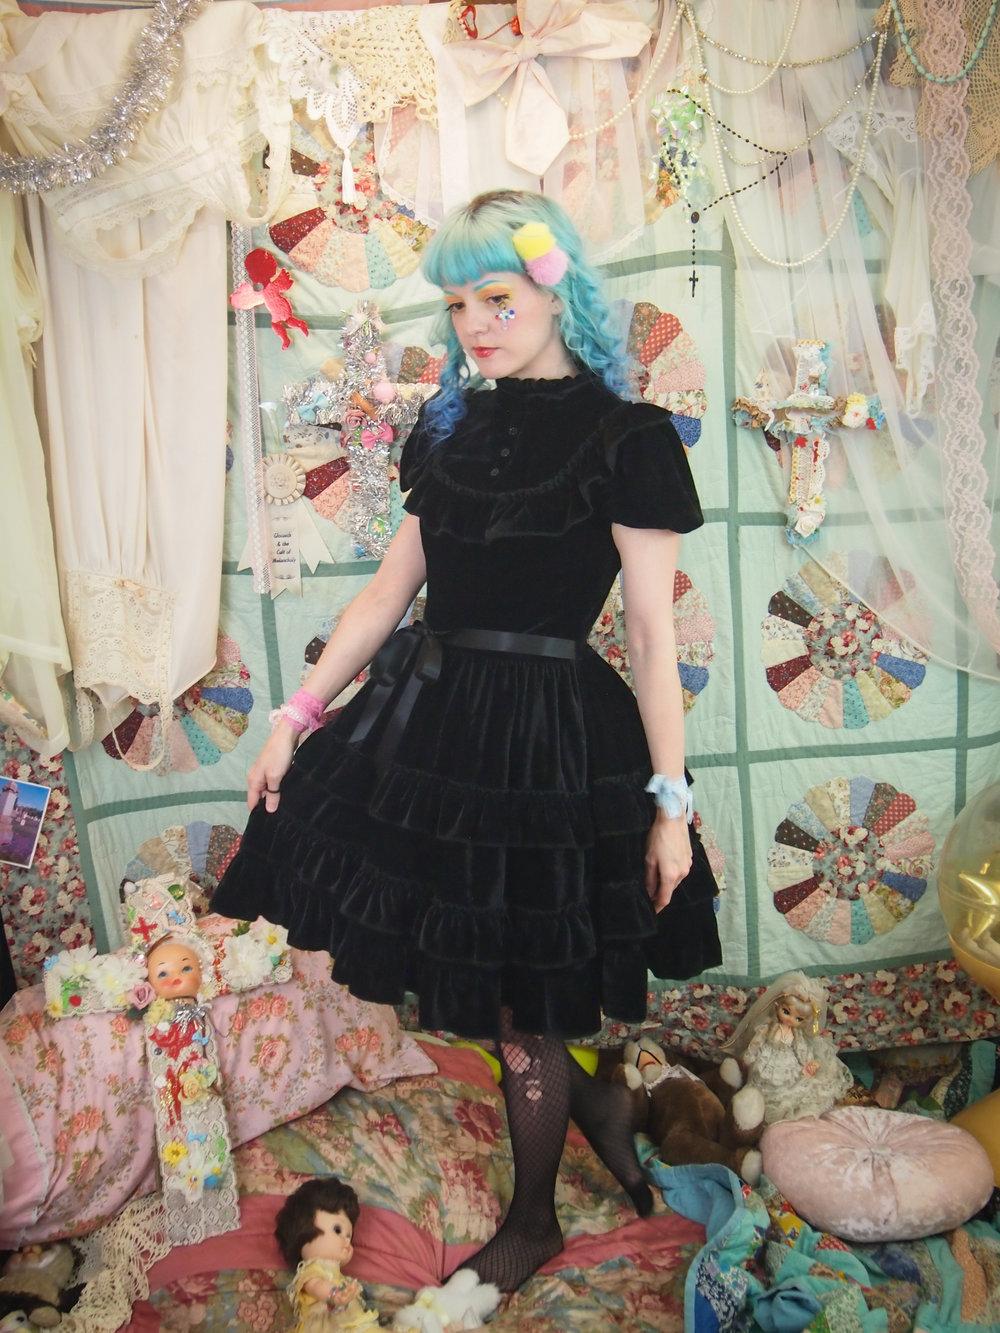 Gloomth October Black Velvet Gothic Lolita Teaparty Dress Your Size ...